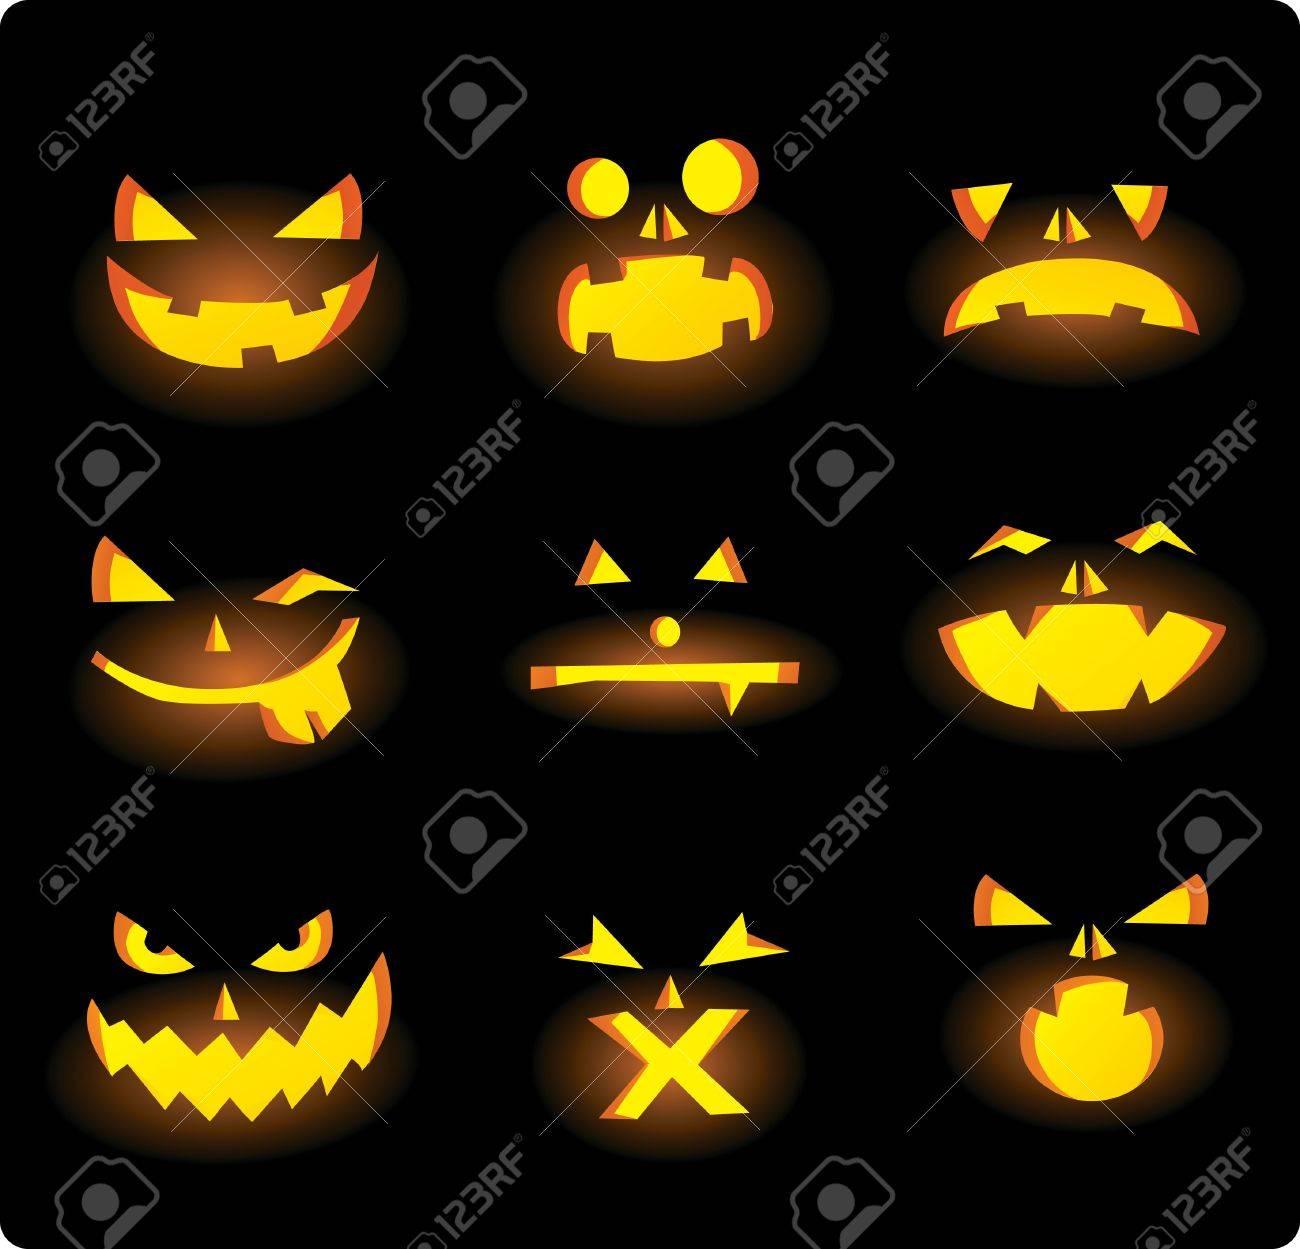 Halloween Kürbis Gesichter Geschnitzt Lizenzfrei Nutzbare